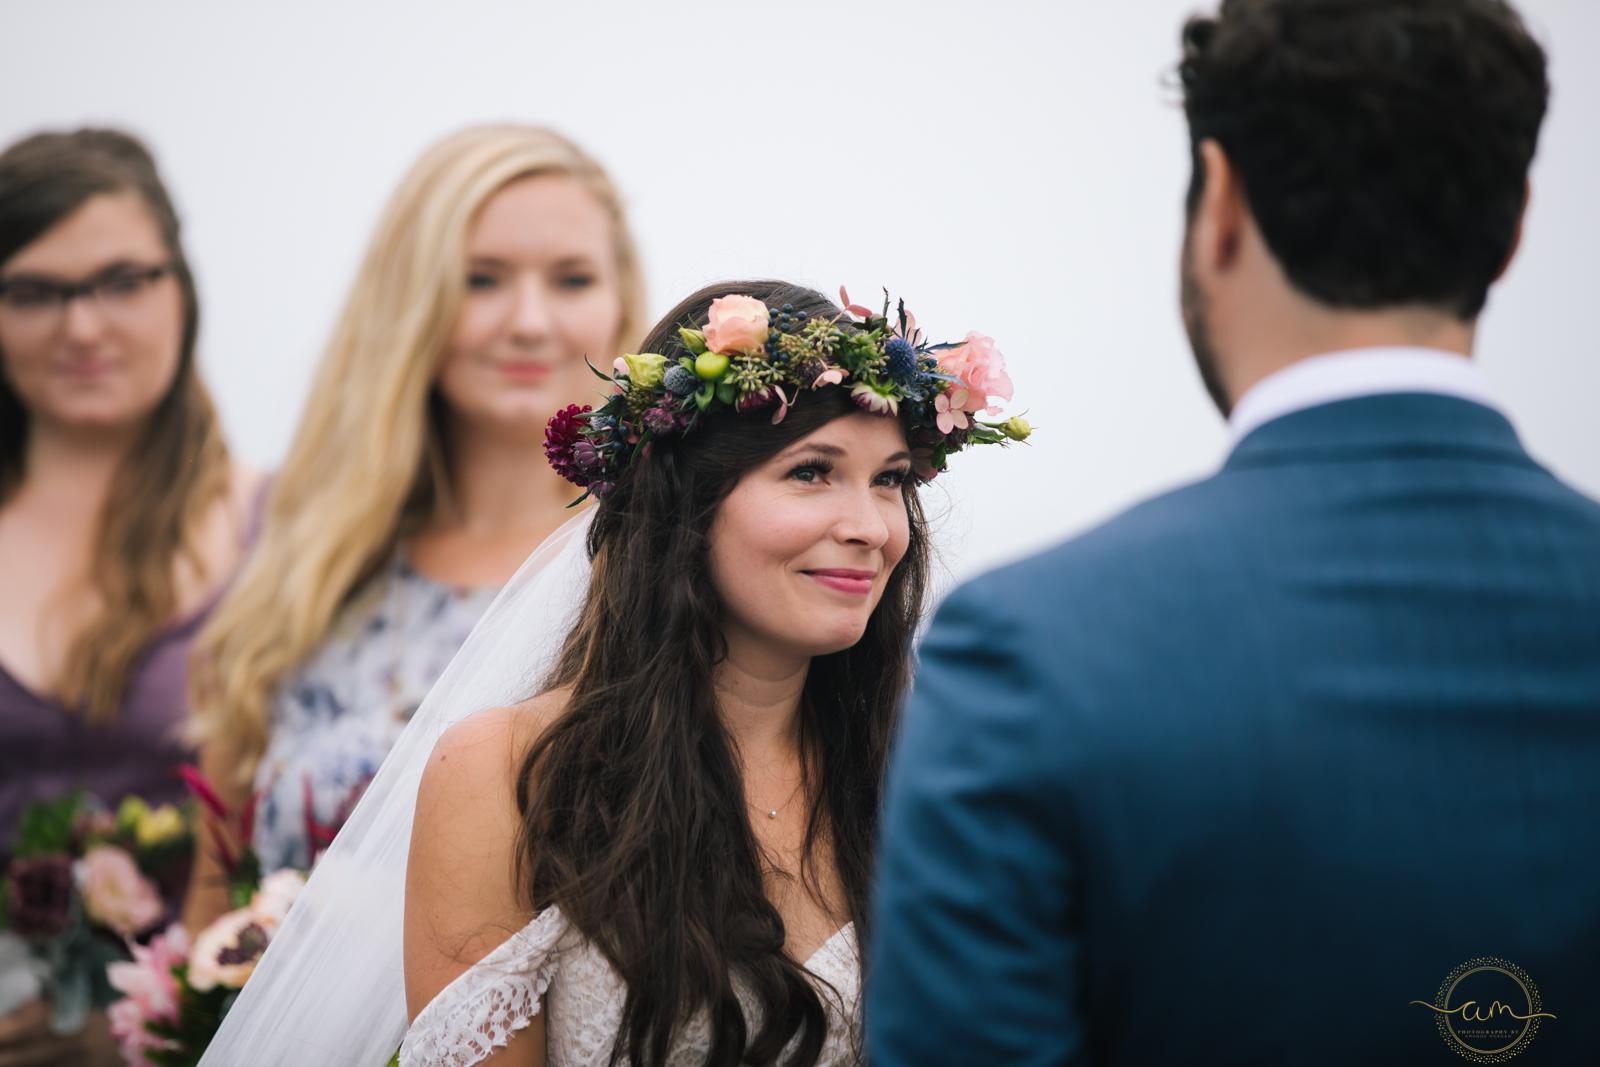 Narragansett-RI-Beach-Wedding-Amanda-Morgan-48.jpg